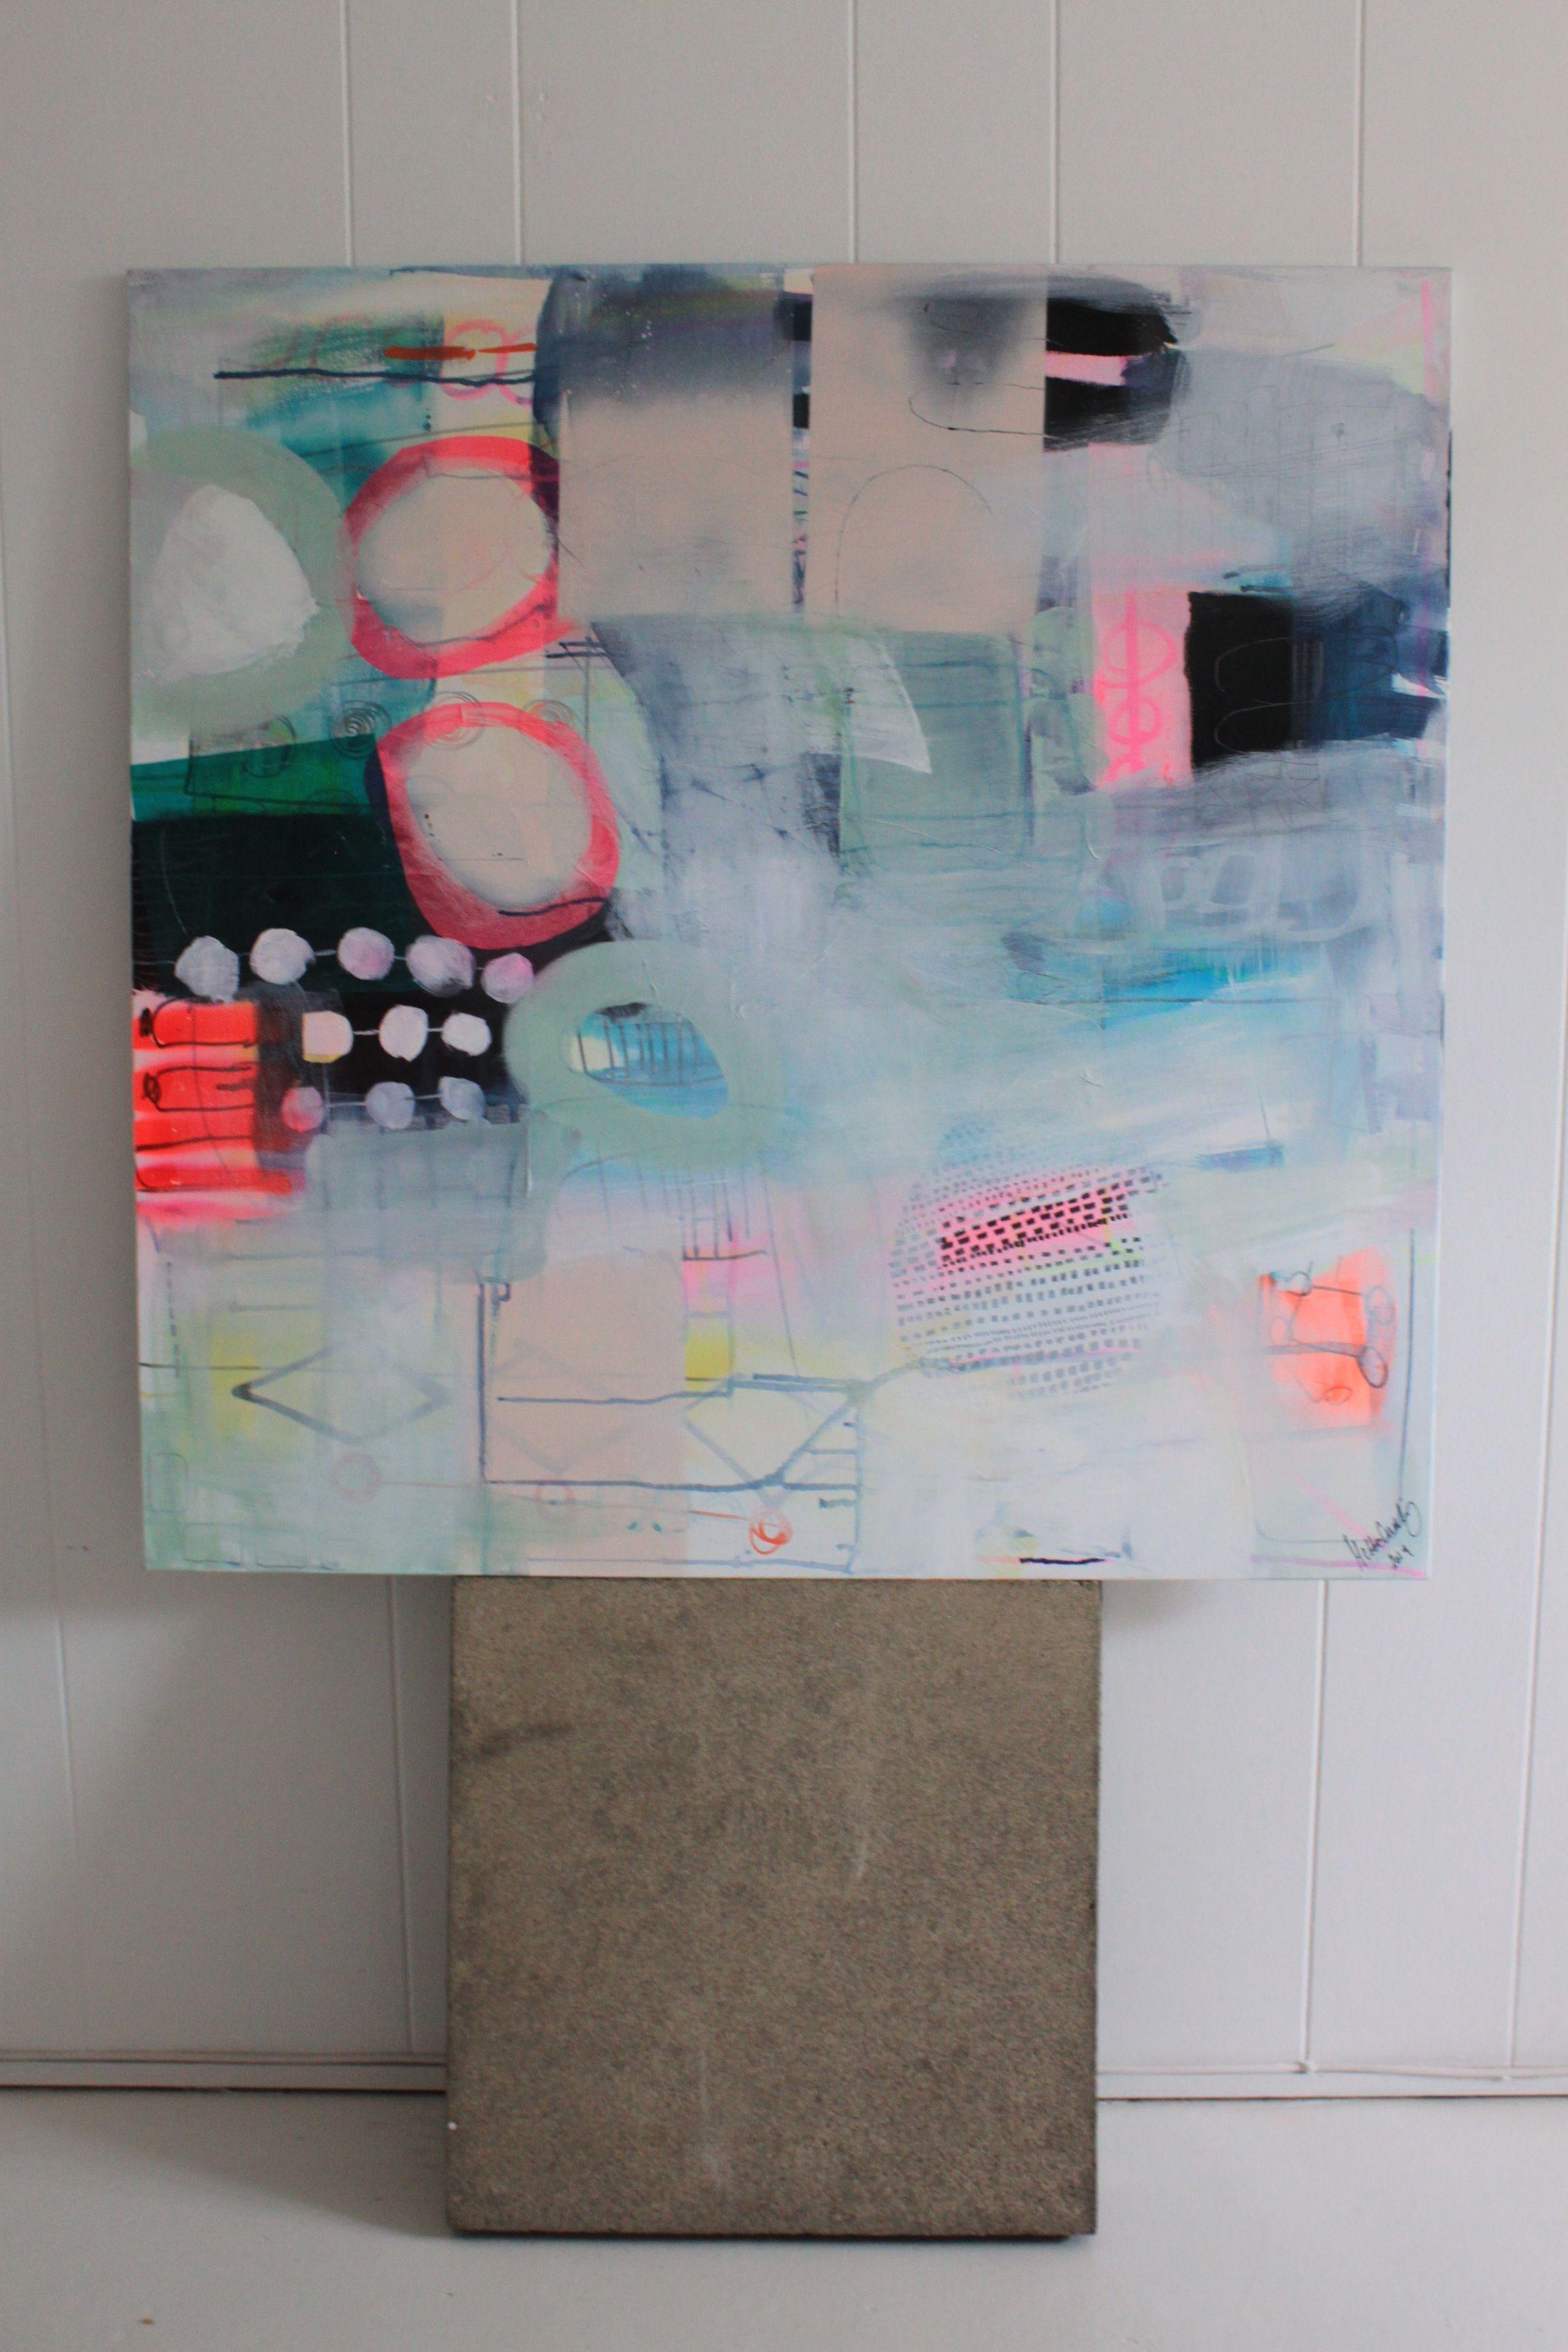 Maleri Med Pastelfarver Af Mette Lindberg Www Mettesmaleri Dk Art Painting Abstract Art Painting Art